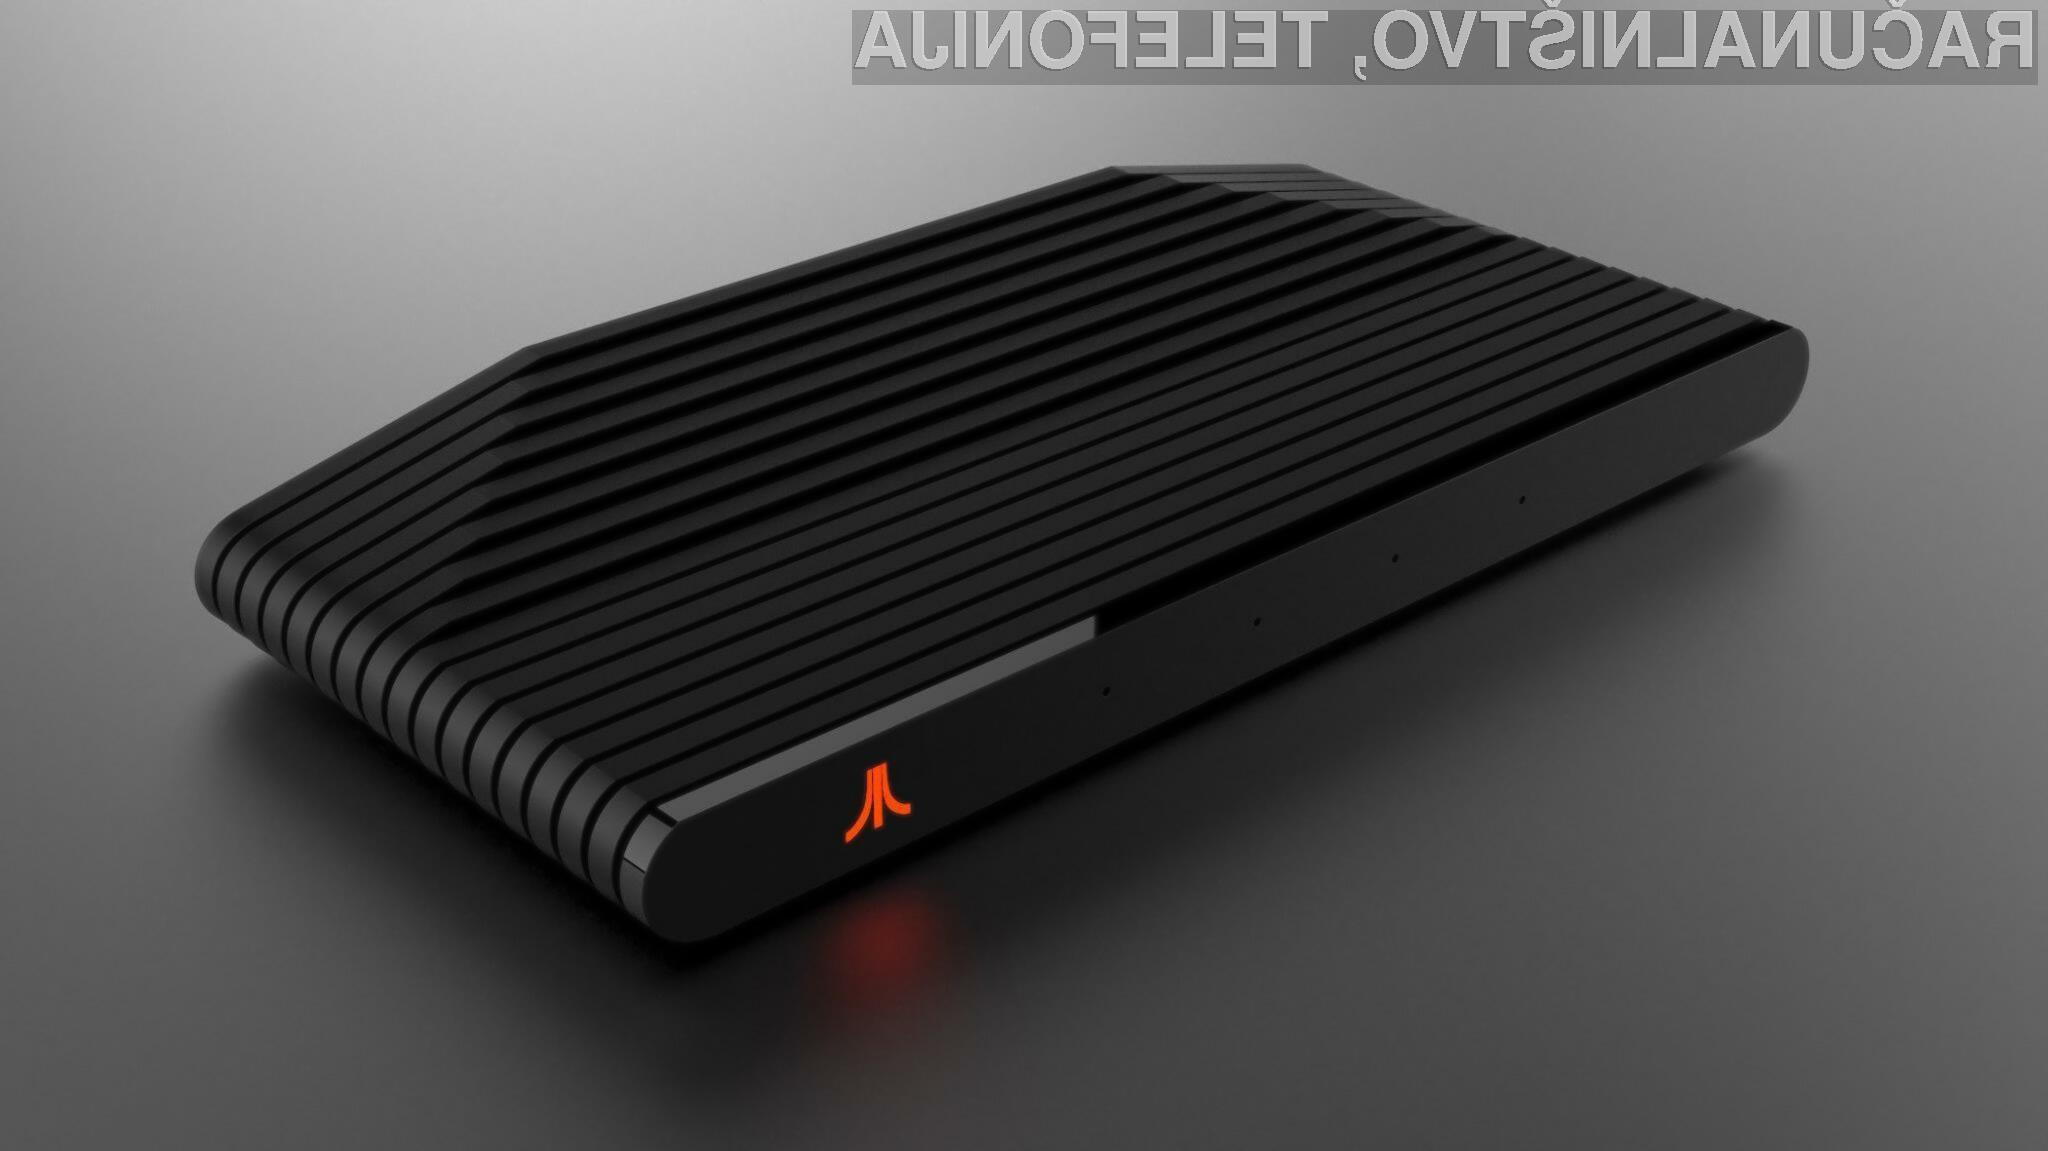 Zanimanje za igralno konzolo Ataribox je nadpovprečno visoko!